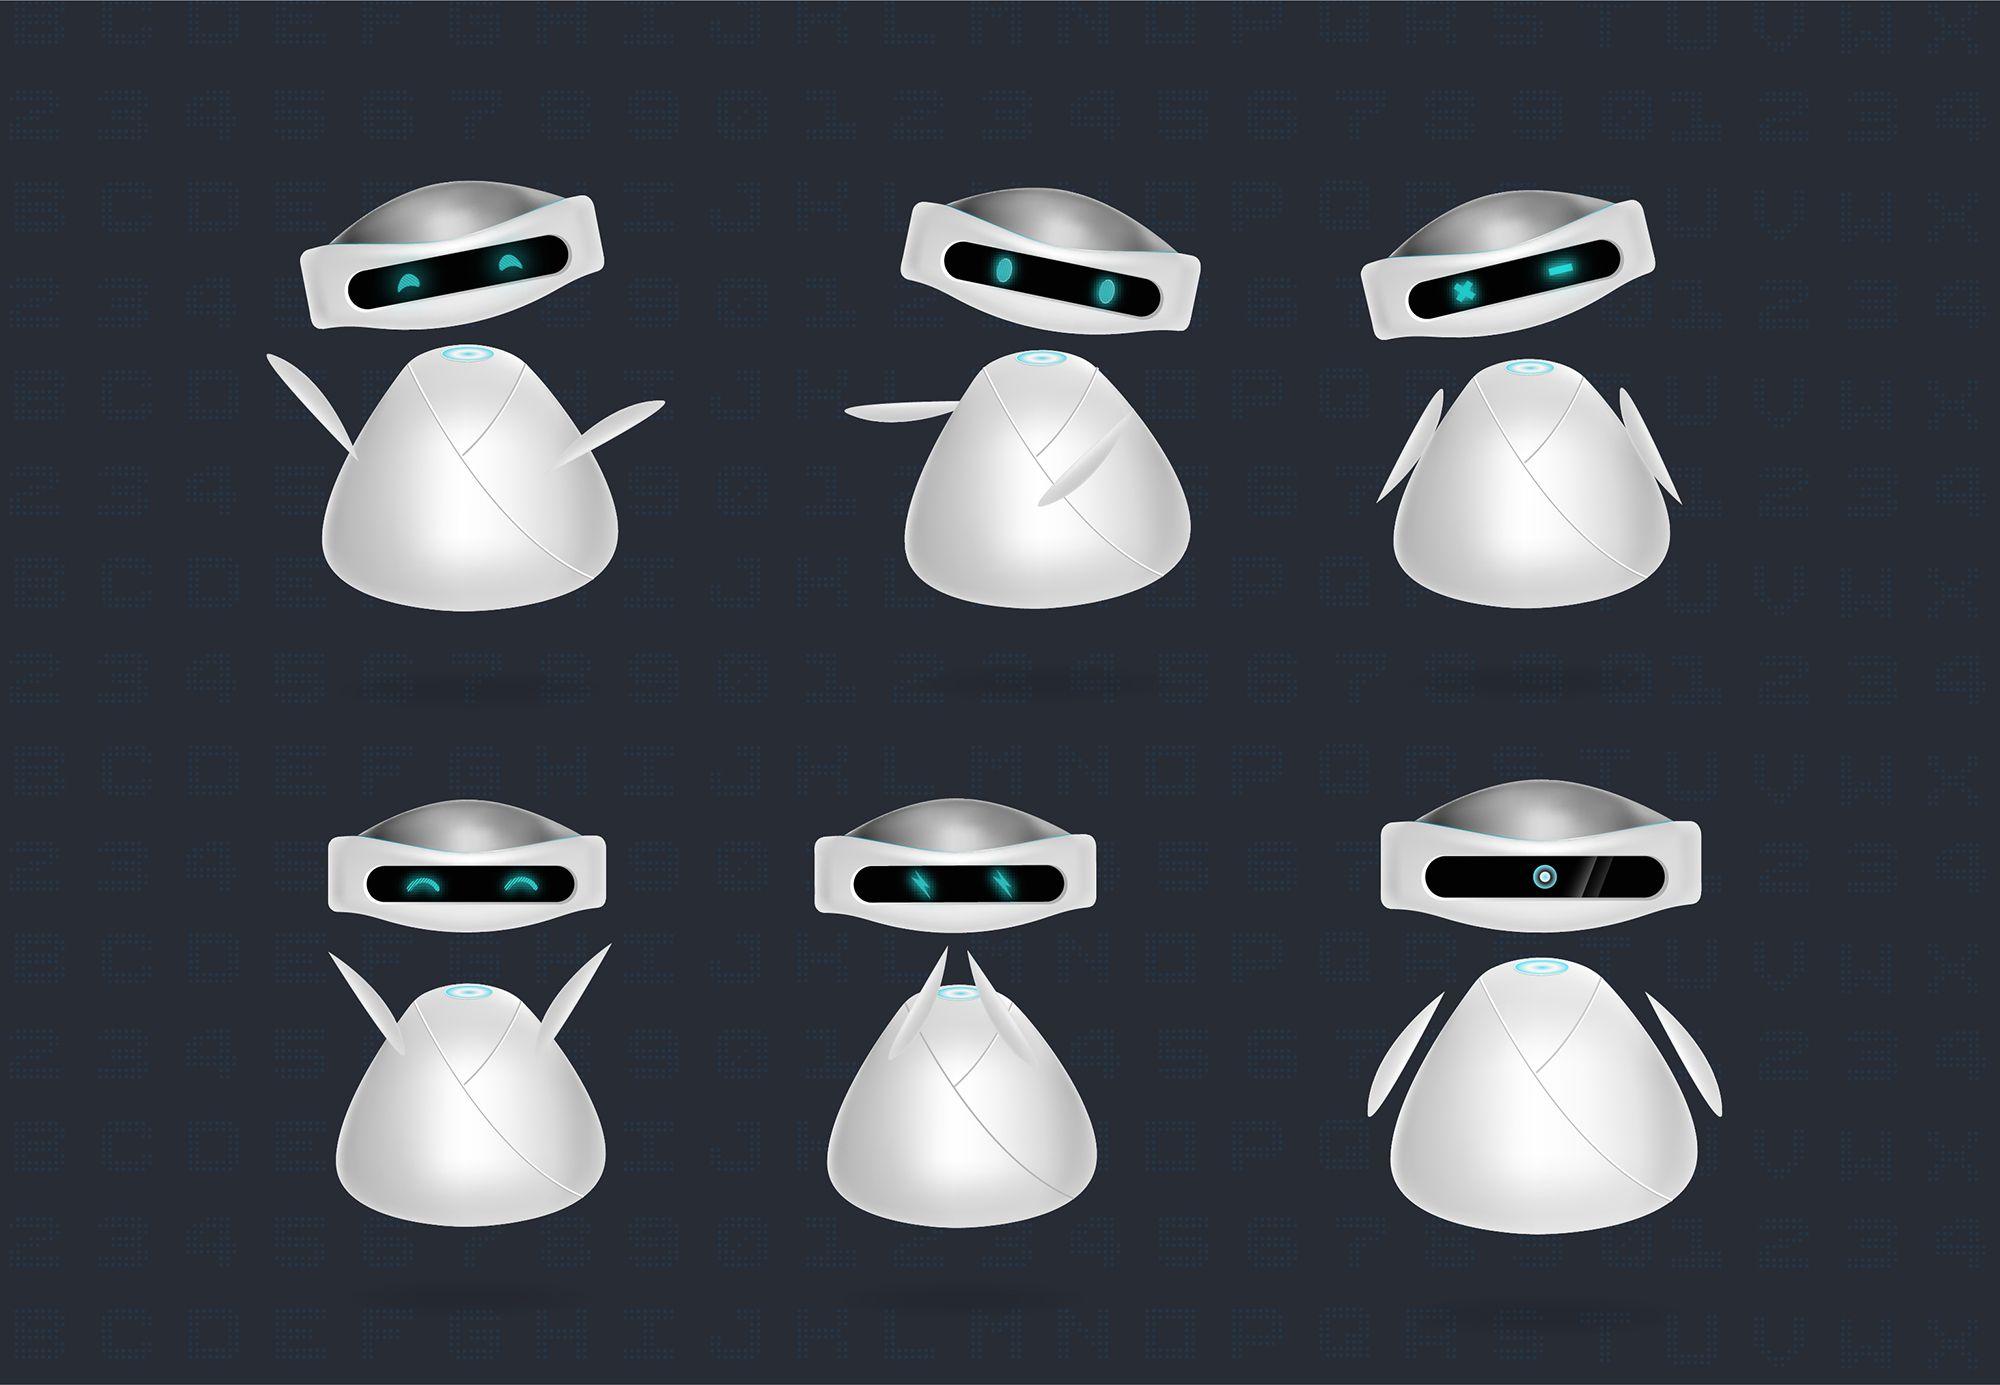 机器人大师品牌-08.jpg